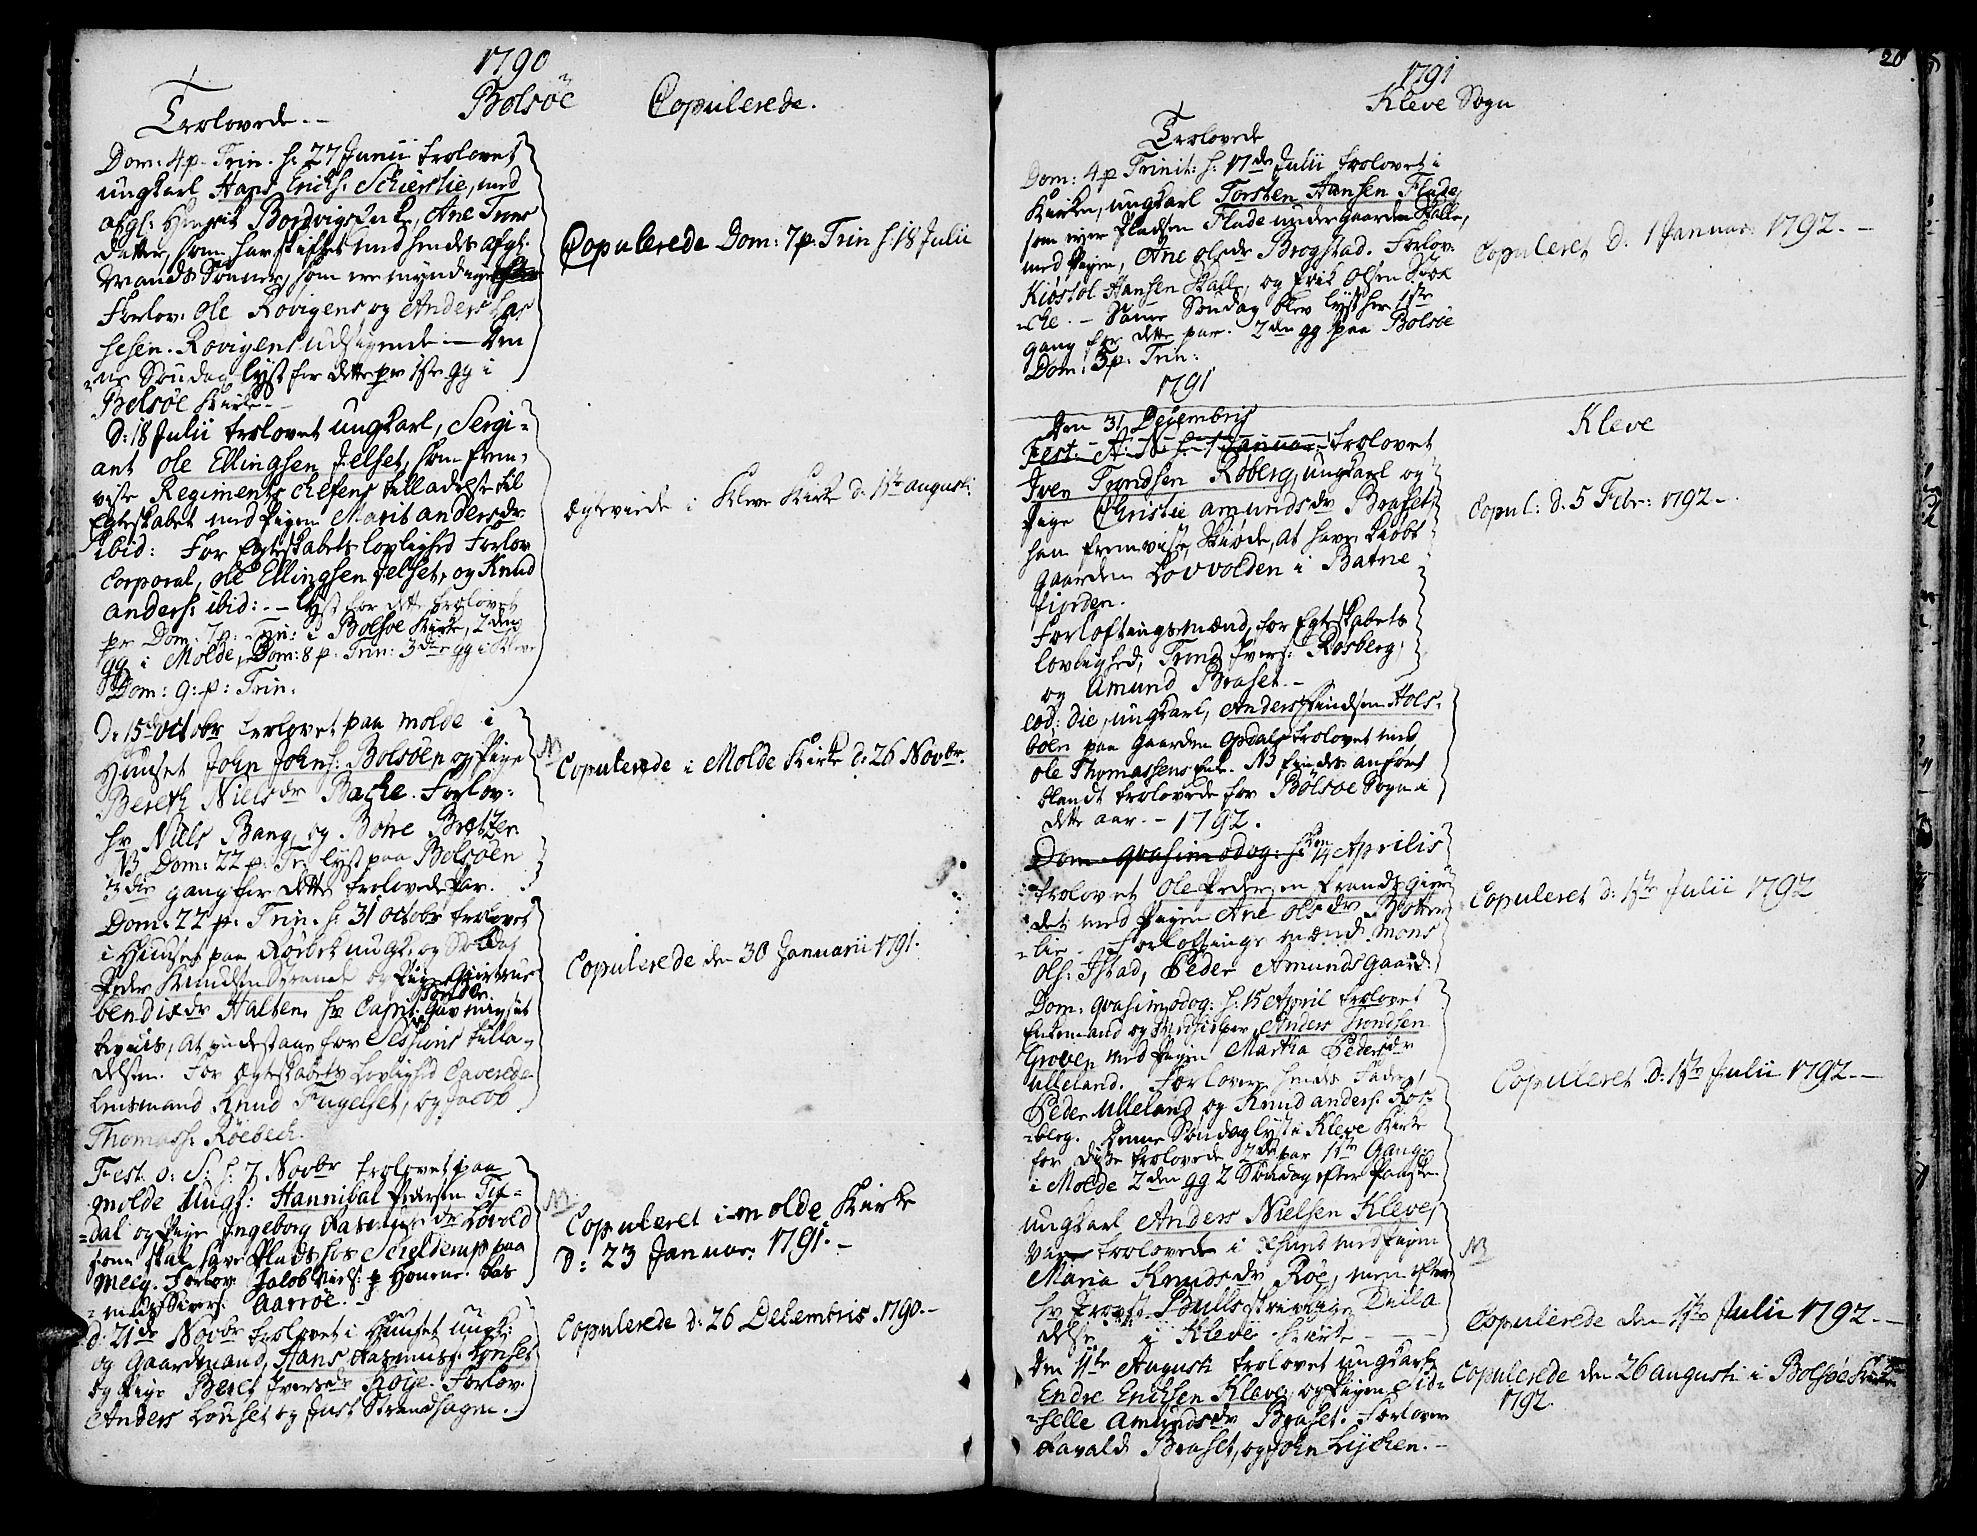 SAT, Ministerialprotokoller, klokkerbøker og fødselsregistre - Møre og Romsdal, 555/L0648: Ministerialbok nr. 555A01, 1759-1793, s. 20